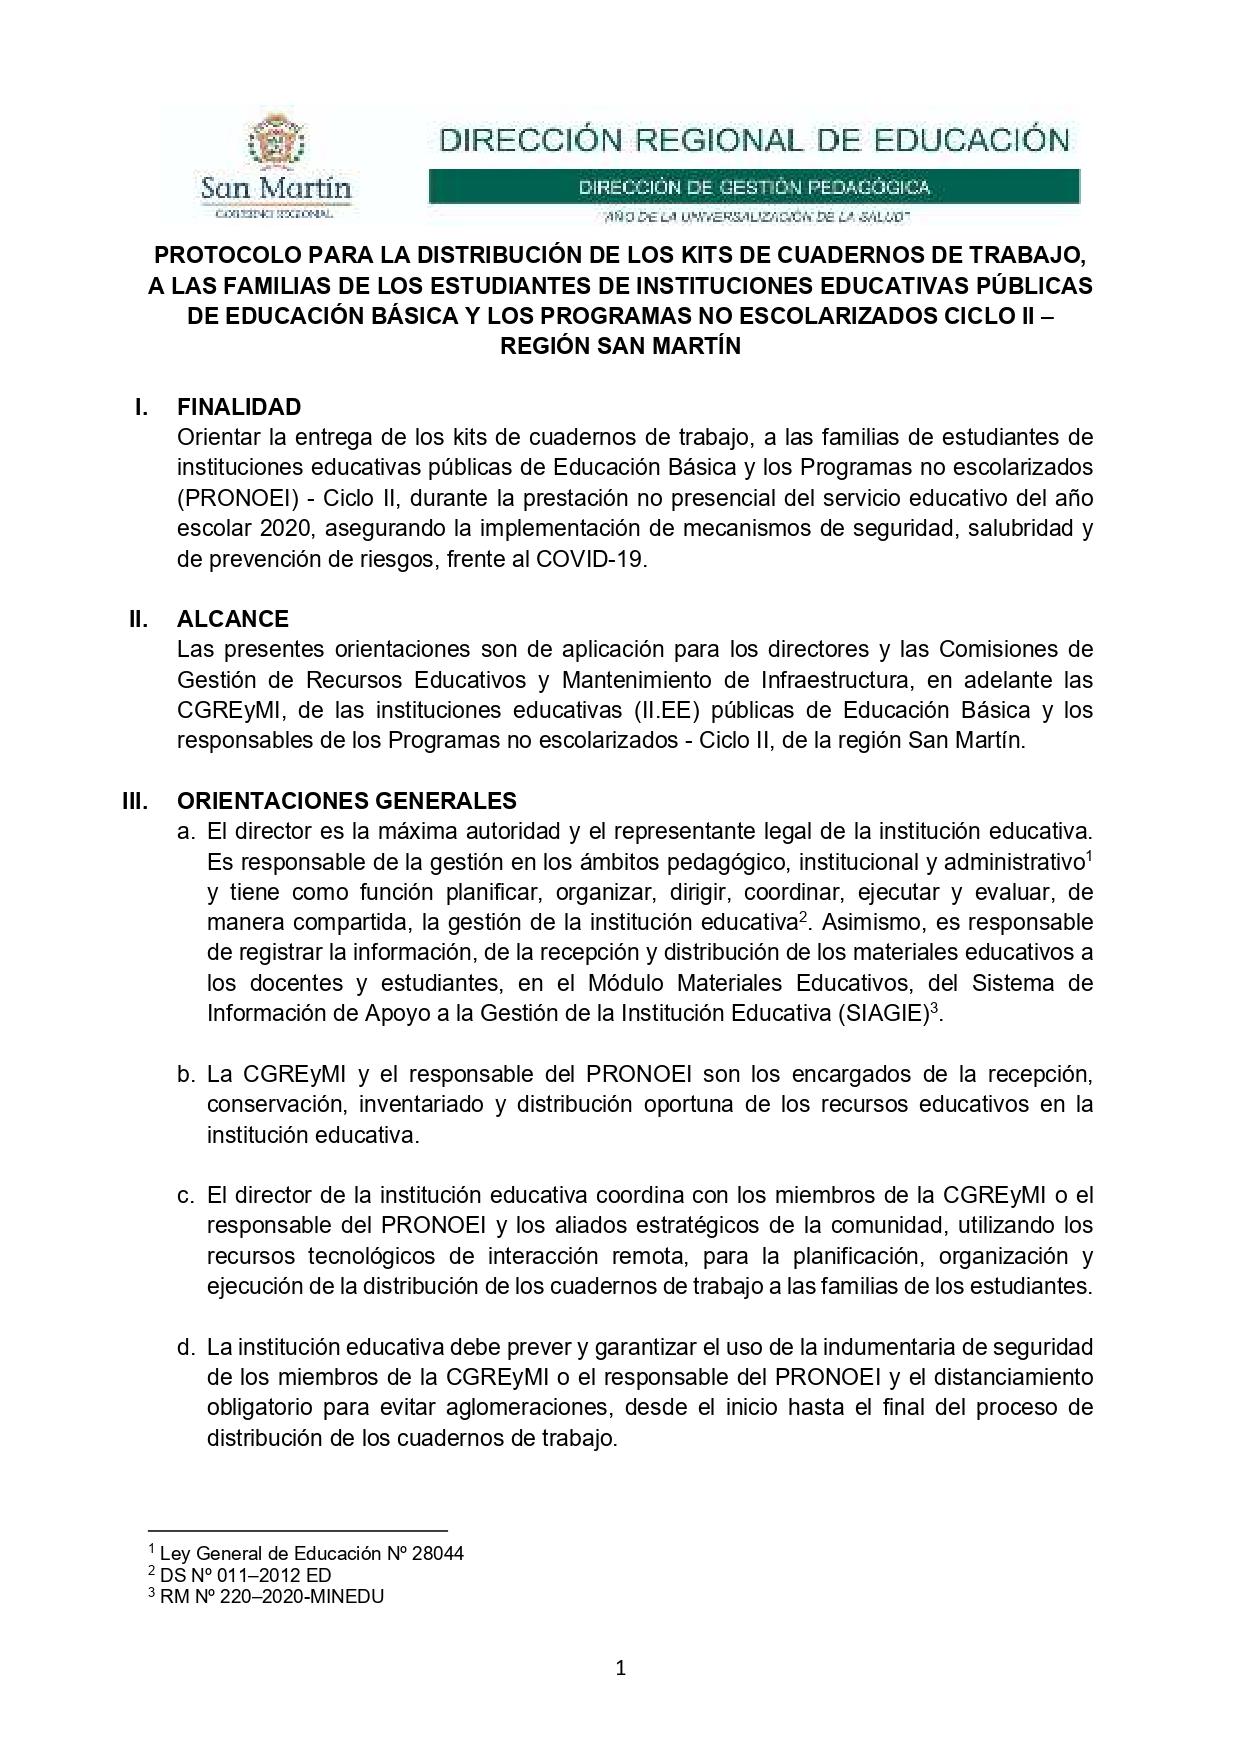 PROTOCOLO PARA LA DISTRIBUCIÓN DE LOS KITS DE CUADERNOS DE TRABAJO, A LAS FAMILIAS DE LOS ESTUDIANTES DE INSTITUCIONES EDUCATIVAS PÚBLICAS DE EDUCACIÓN BÁSICA Y LOS PROGRAMAS NO ESCOLARIZADOS CICLO II – REGIÓN SAN MARTÍN